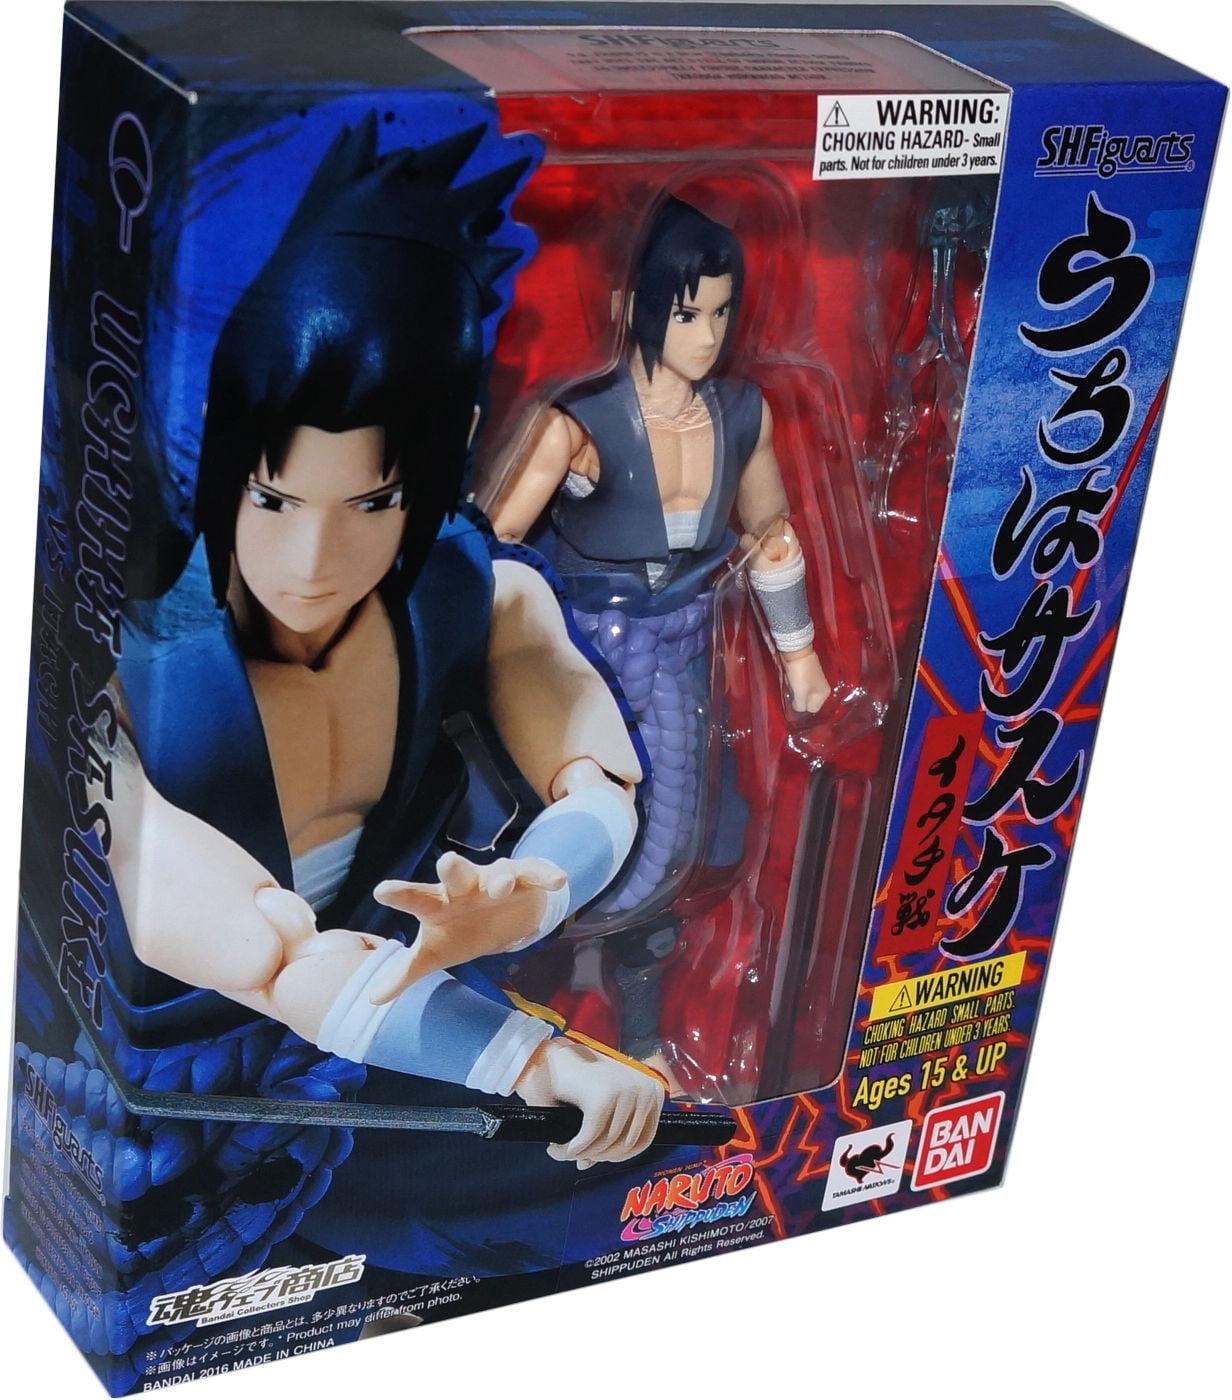 Naruto Shippuden: Sasuke Uchiha (Itachi Battle) S.H. Figuarts Action Figure by Naruto